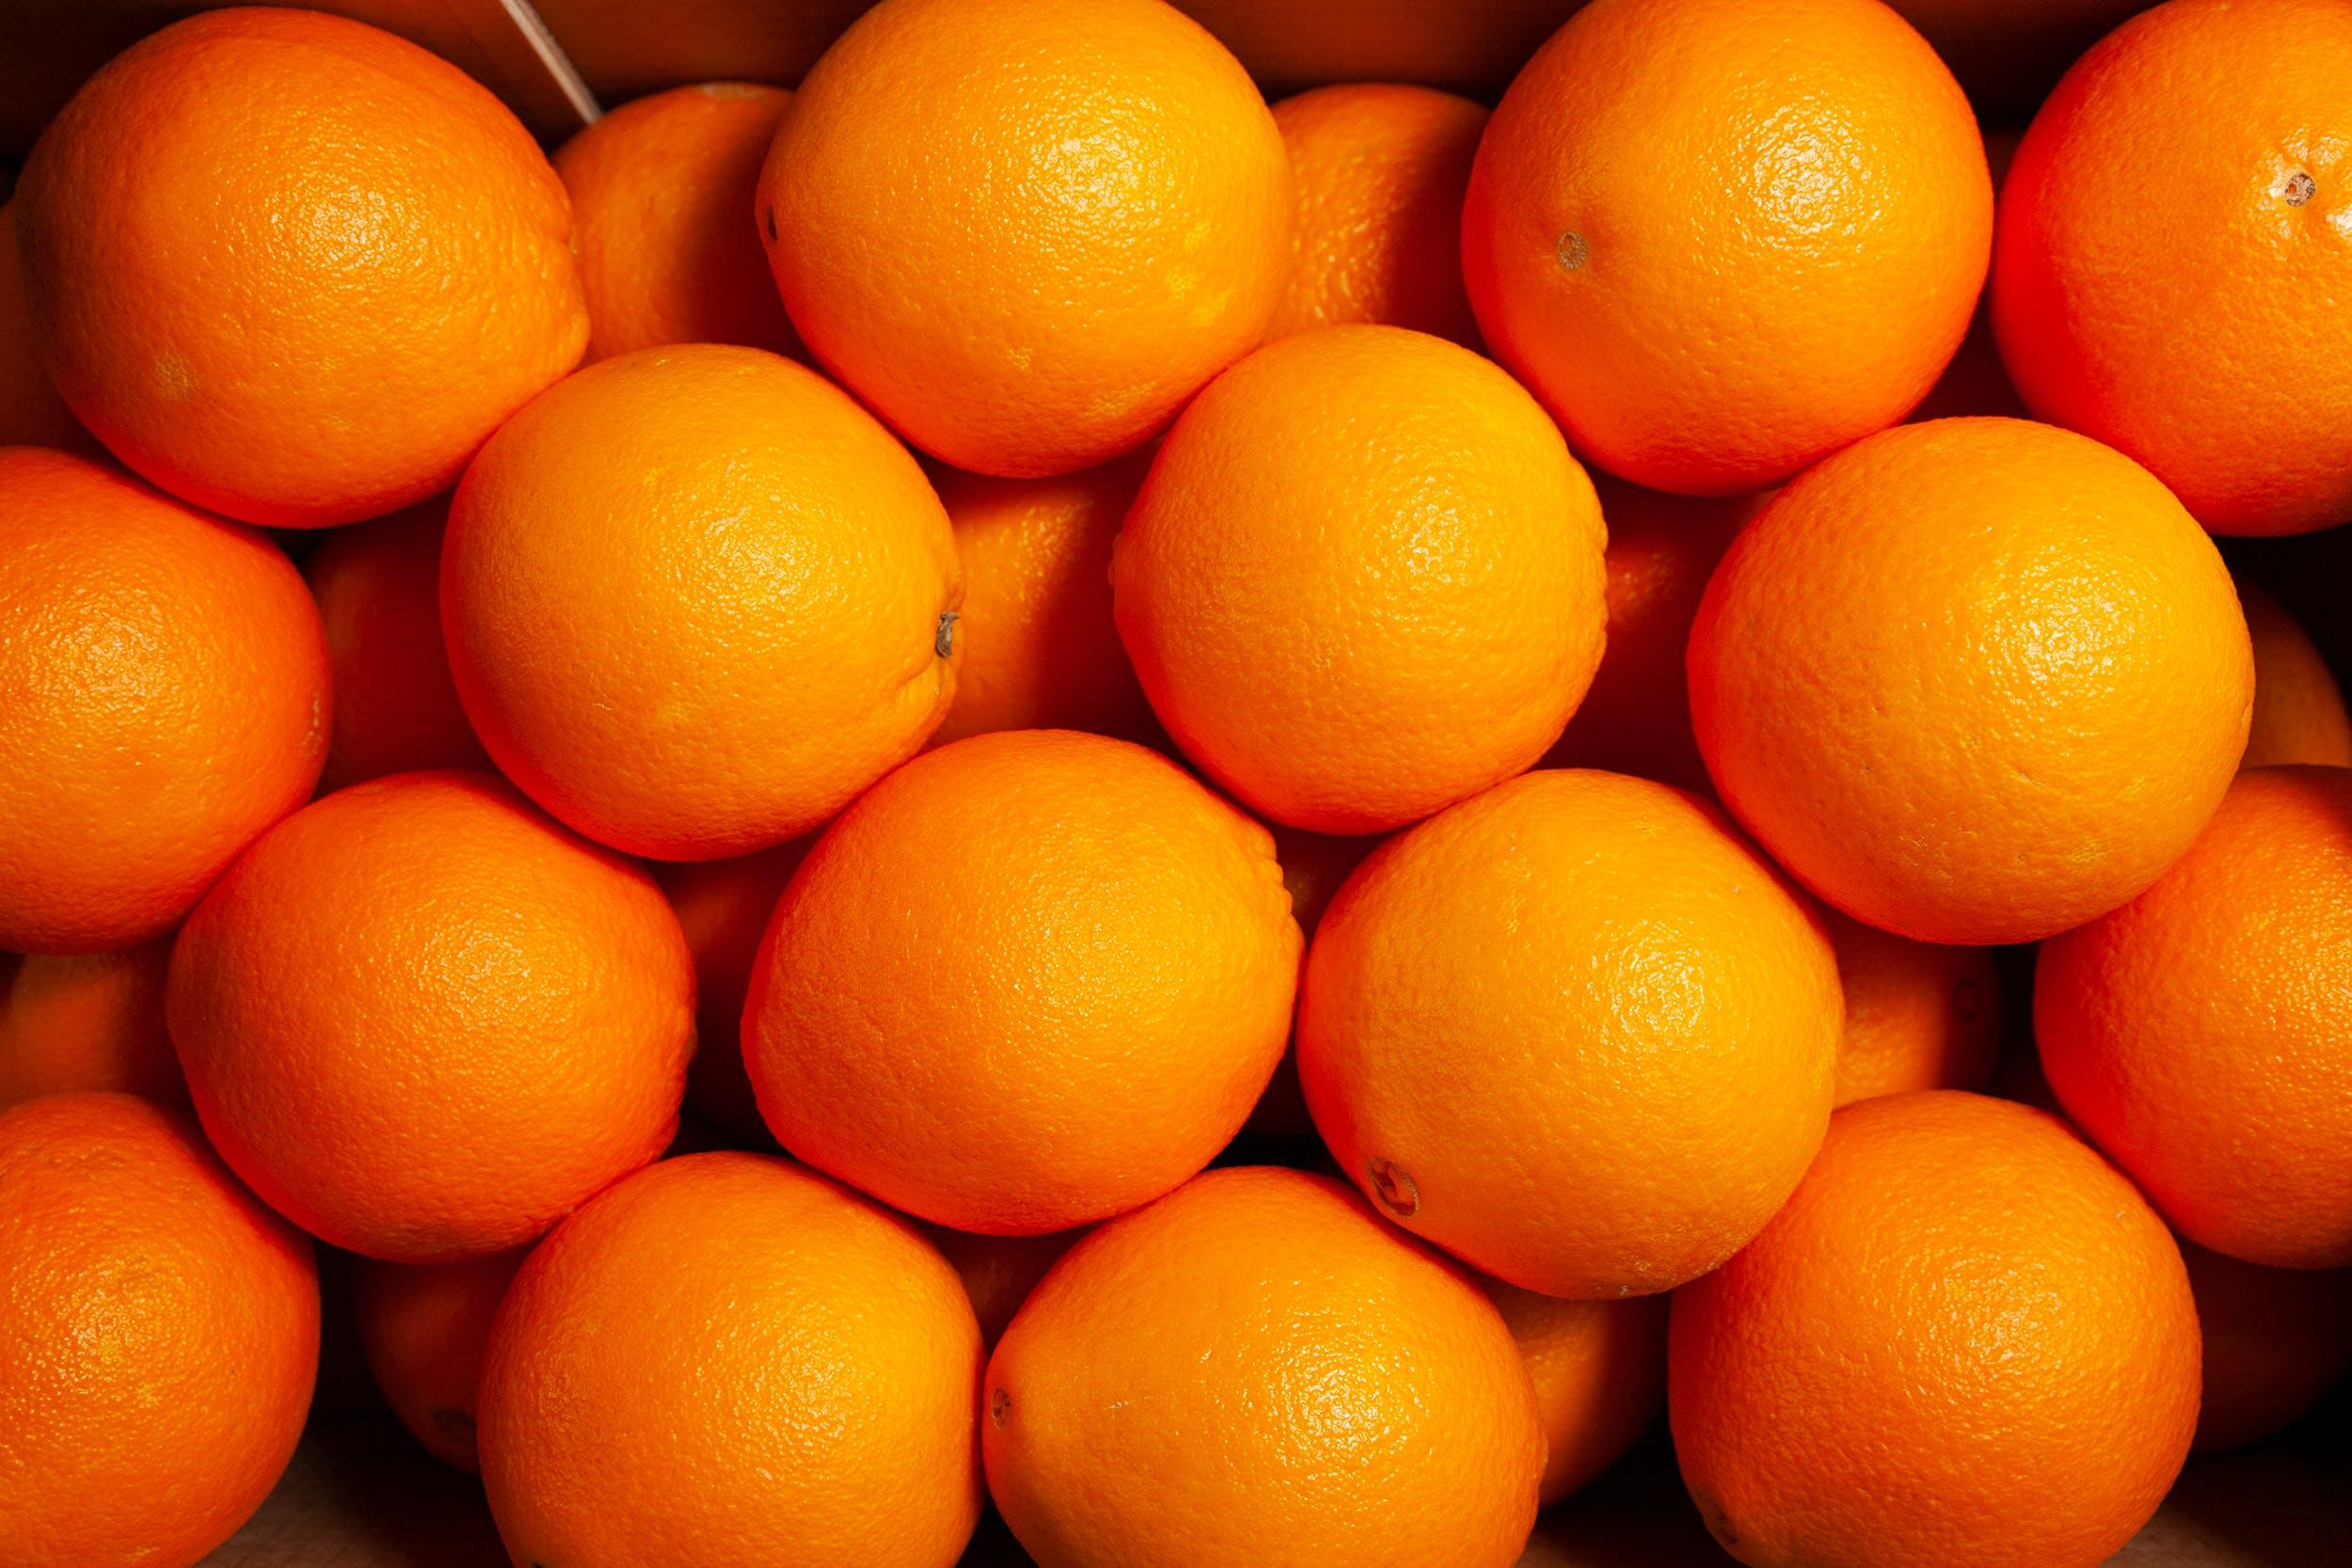 Gratis lagerfoto af appelsiner, appelsinjuice, orange baggrund, orange farve